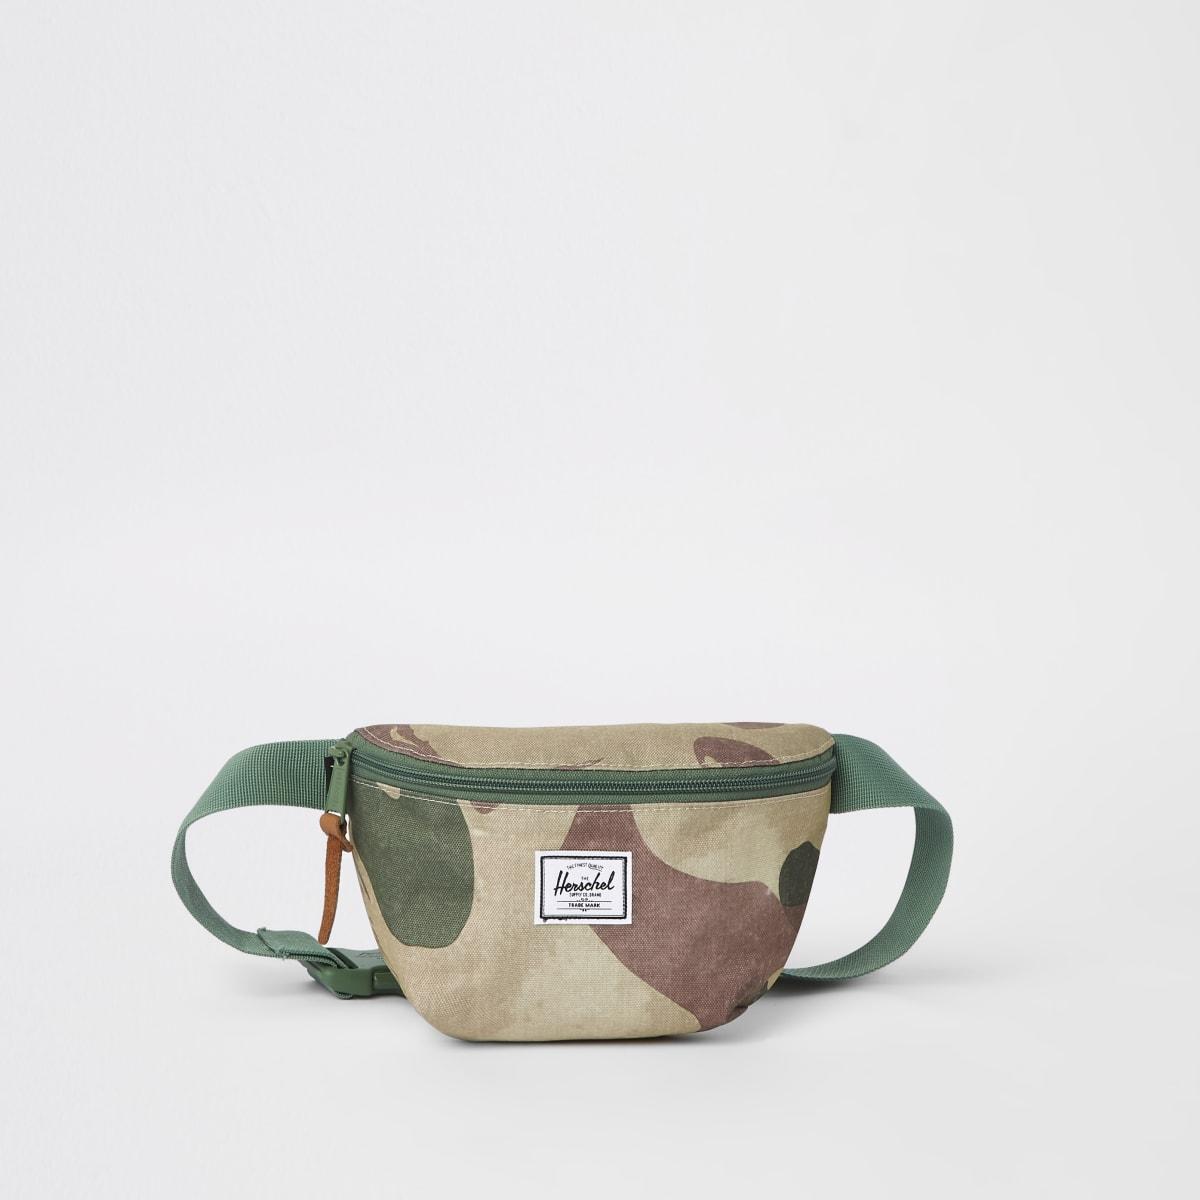 Herschel – Fourteen – Sac à bandoulière motif camouflage vert